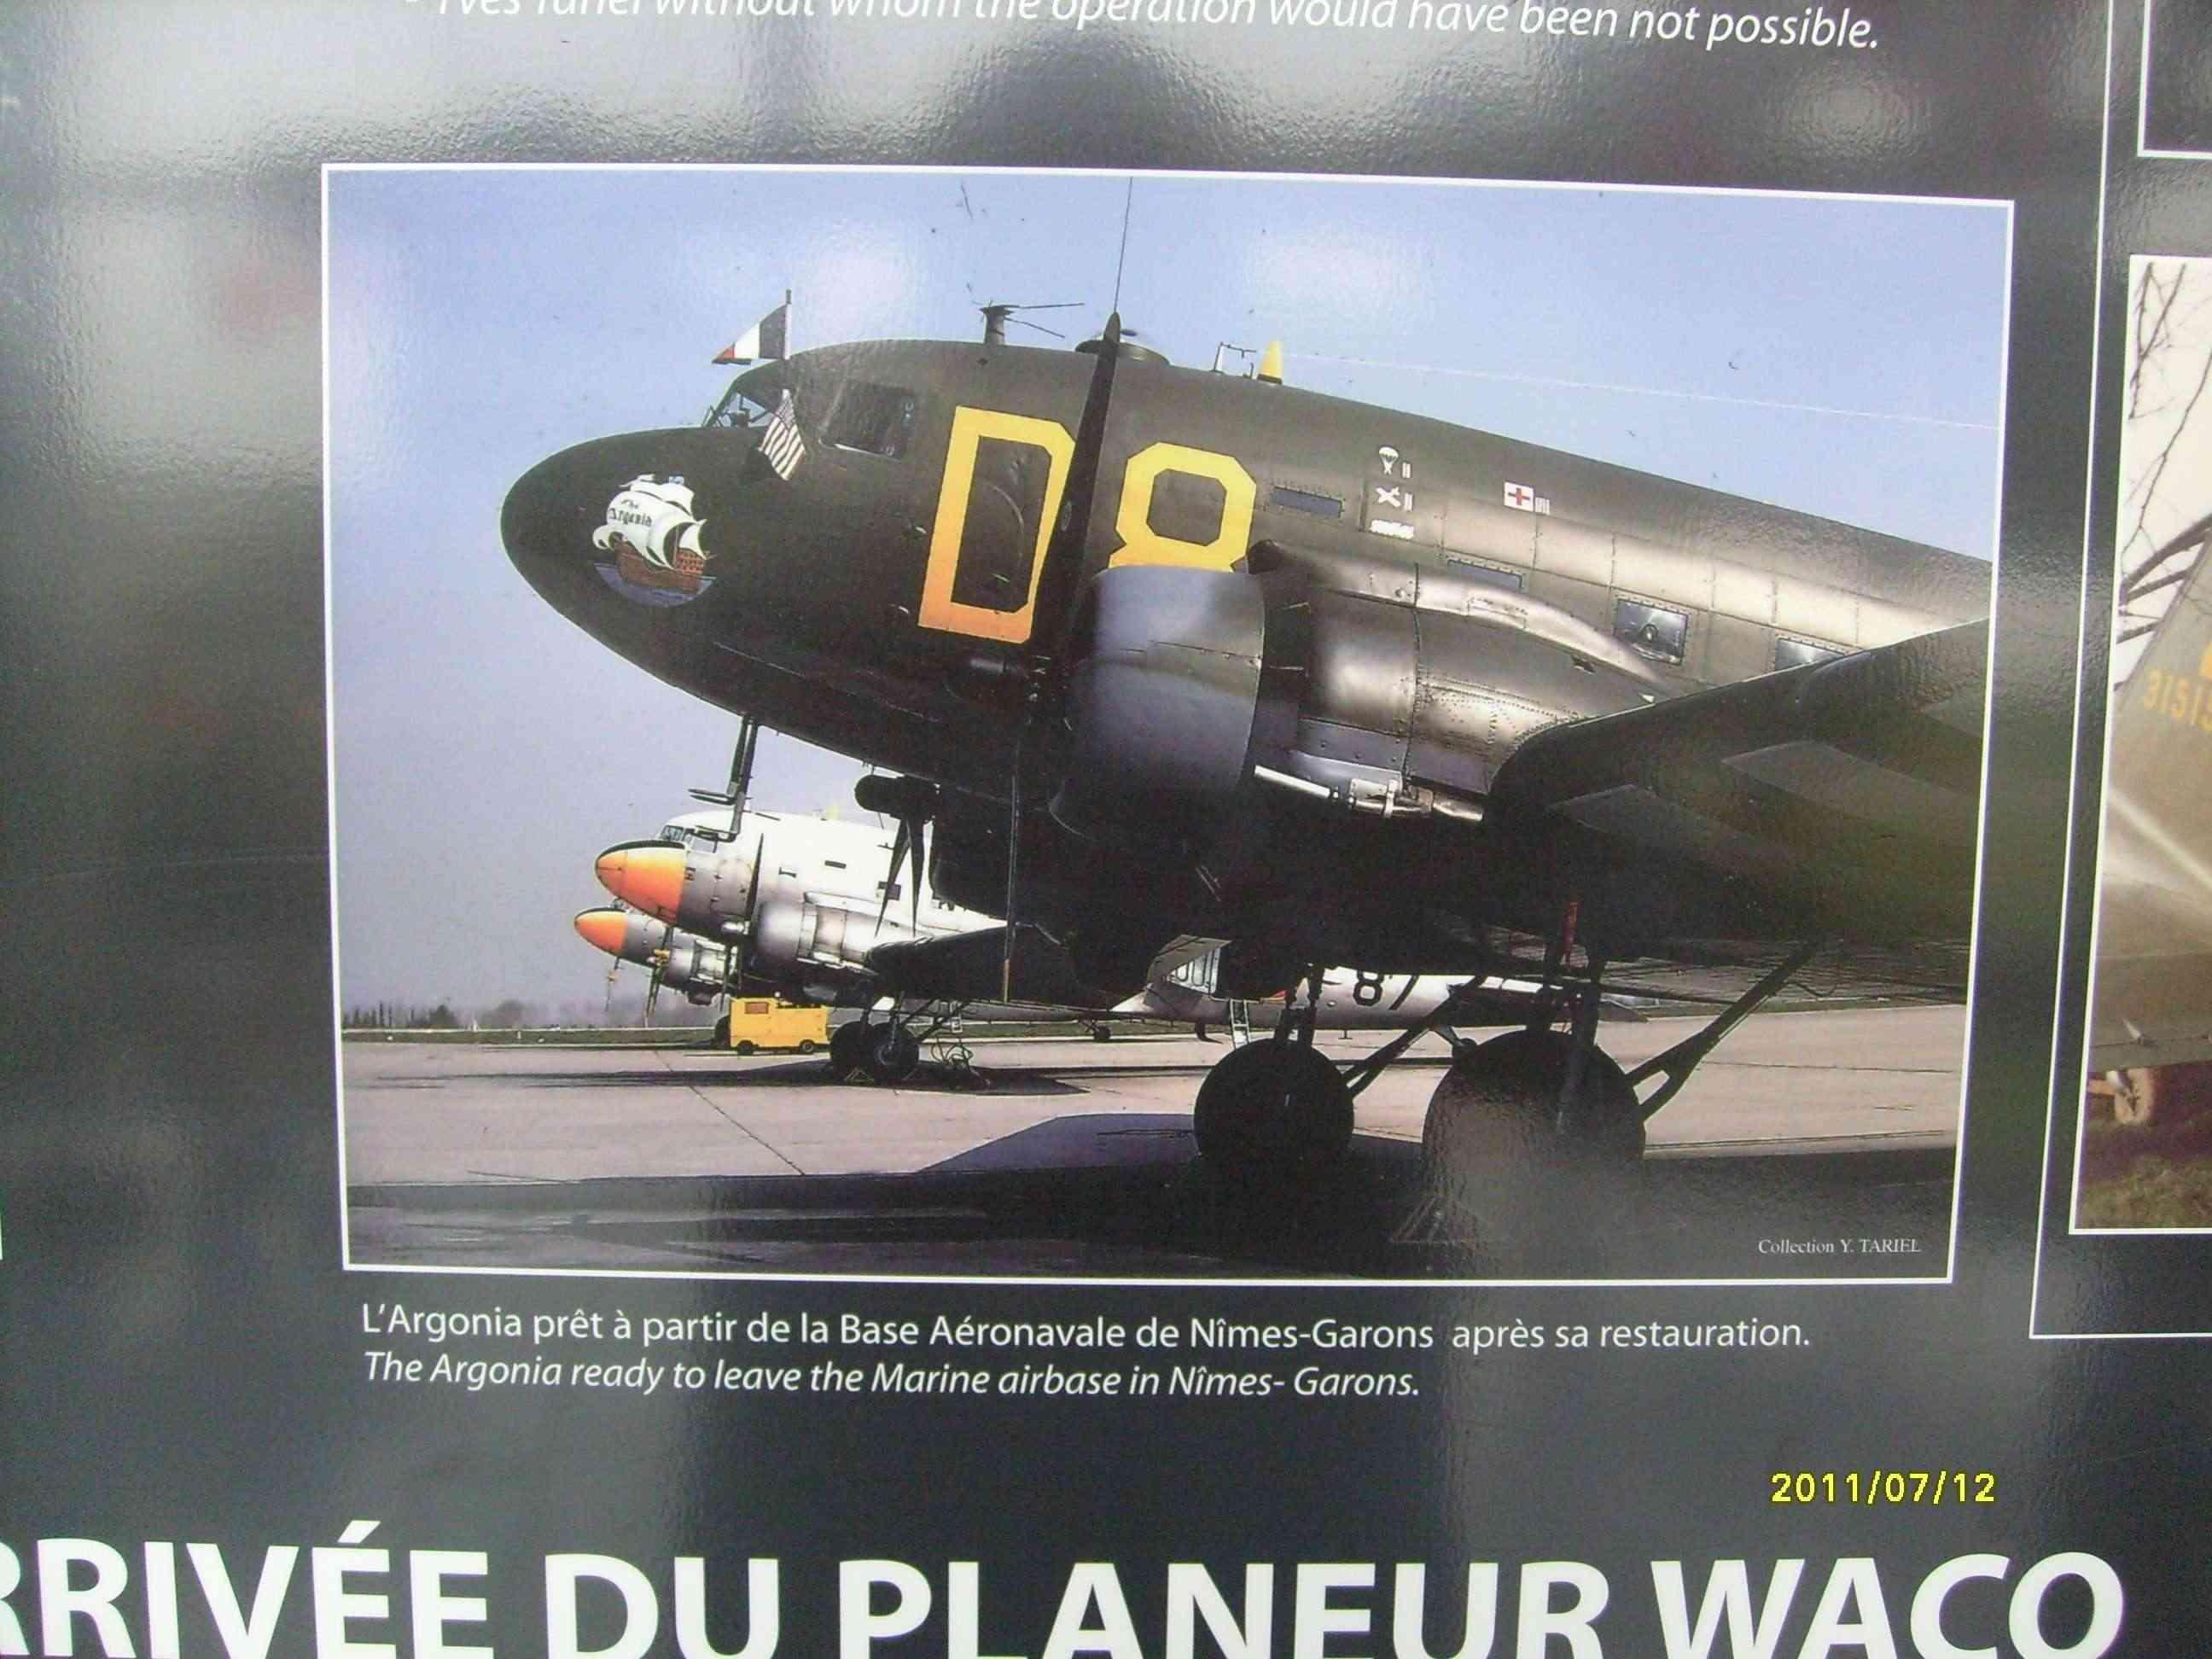 [Les anciens avions de l'aéro] Douglas C-47D Dakota - Page 2 S7303710